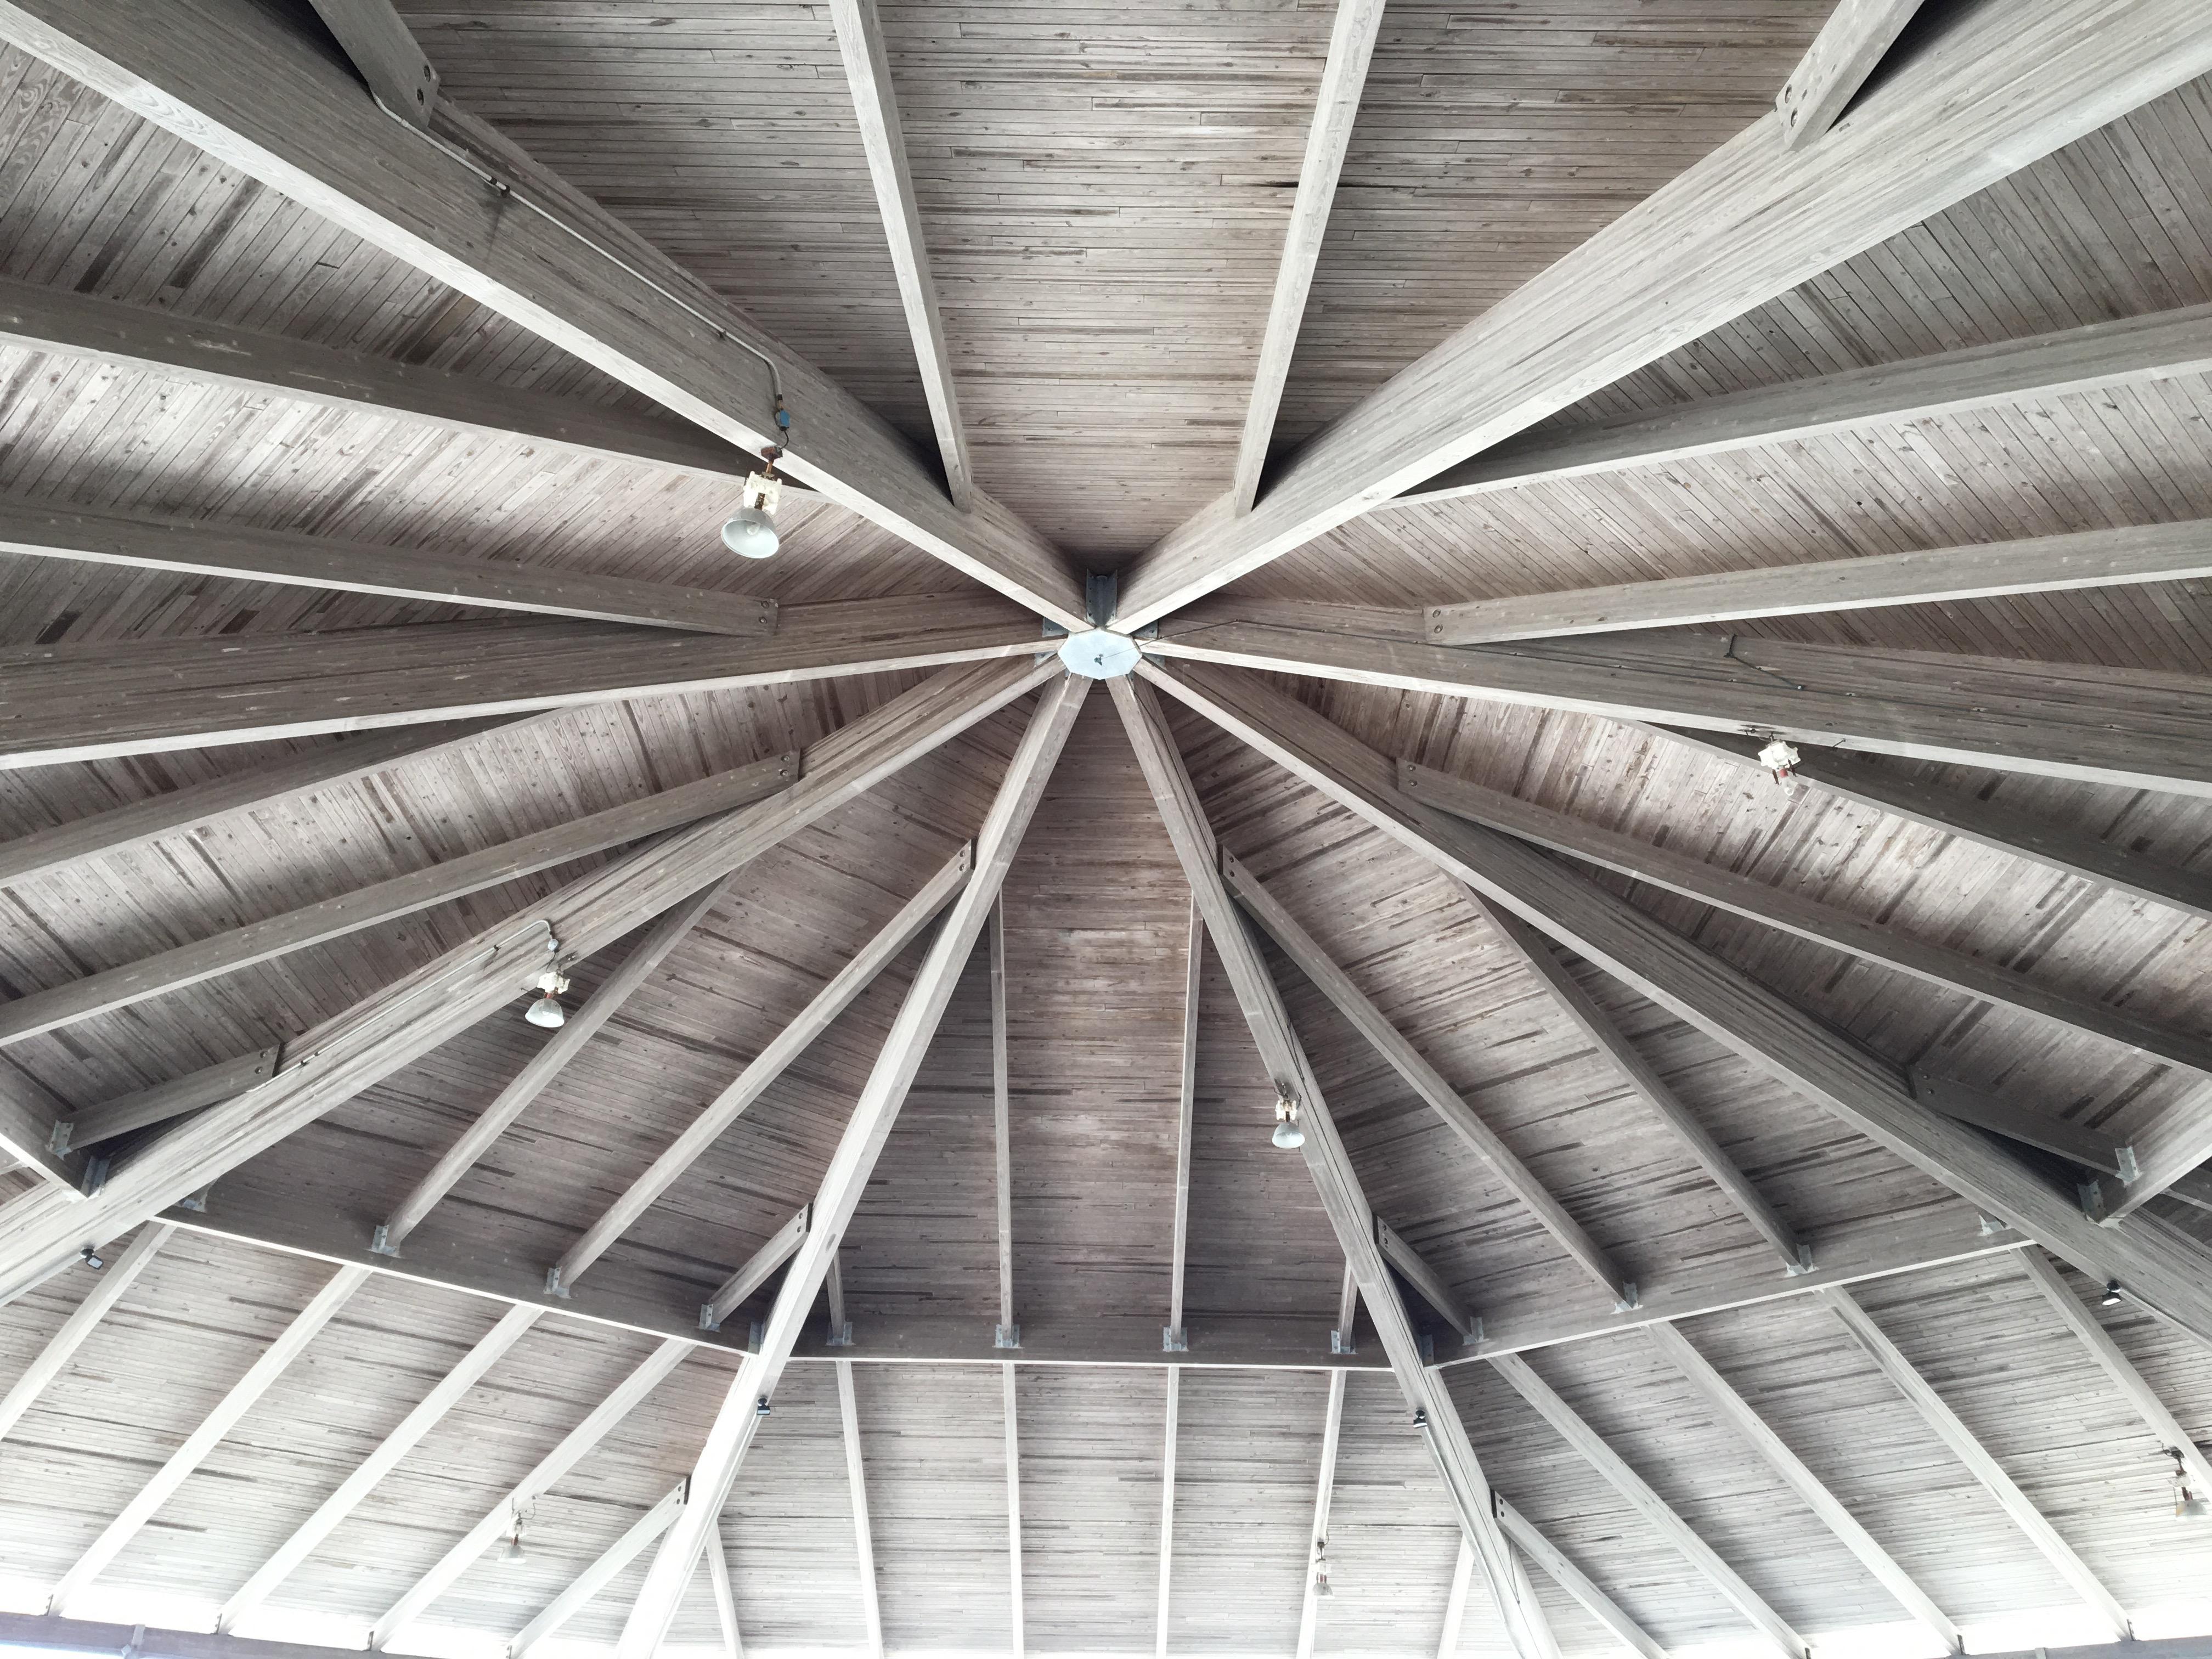 Pavillion ceiling